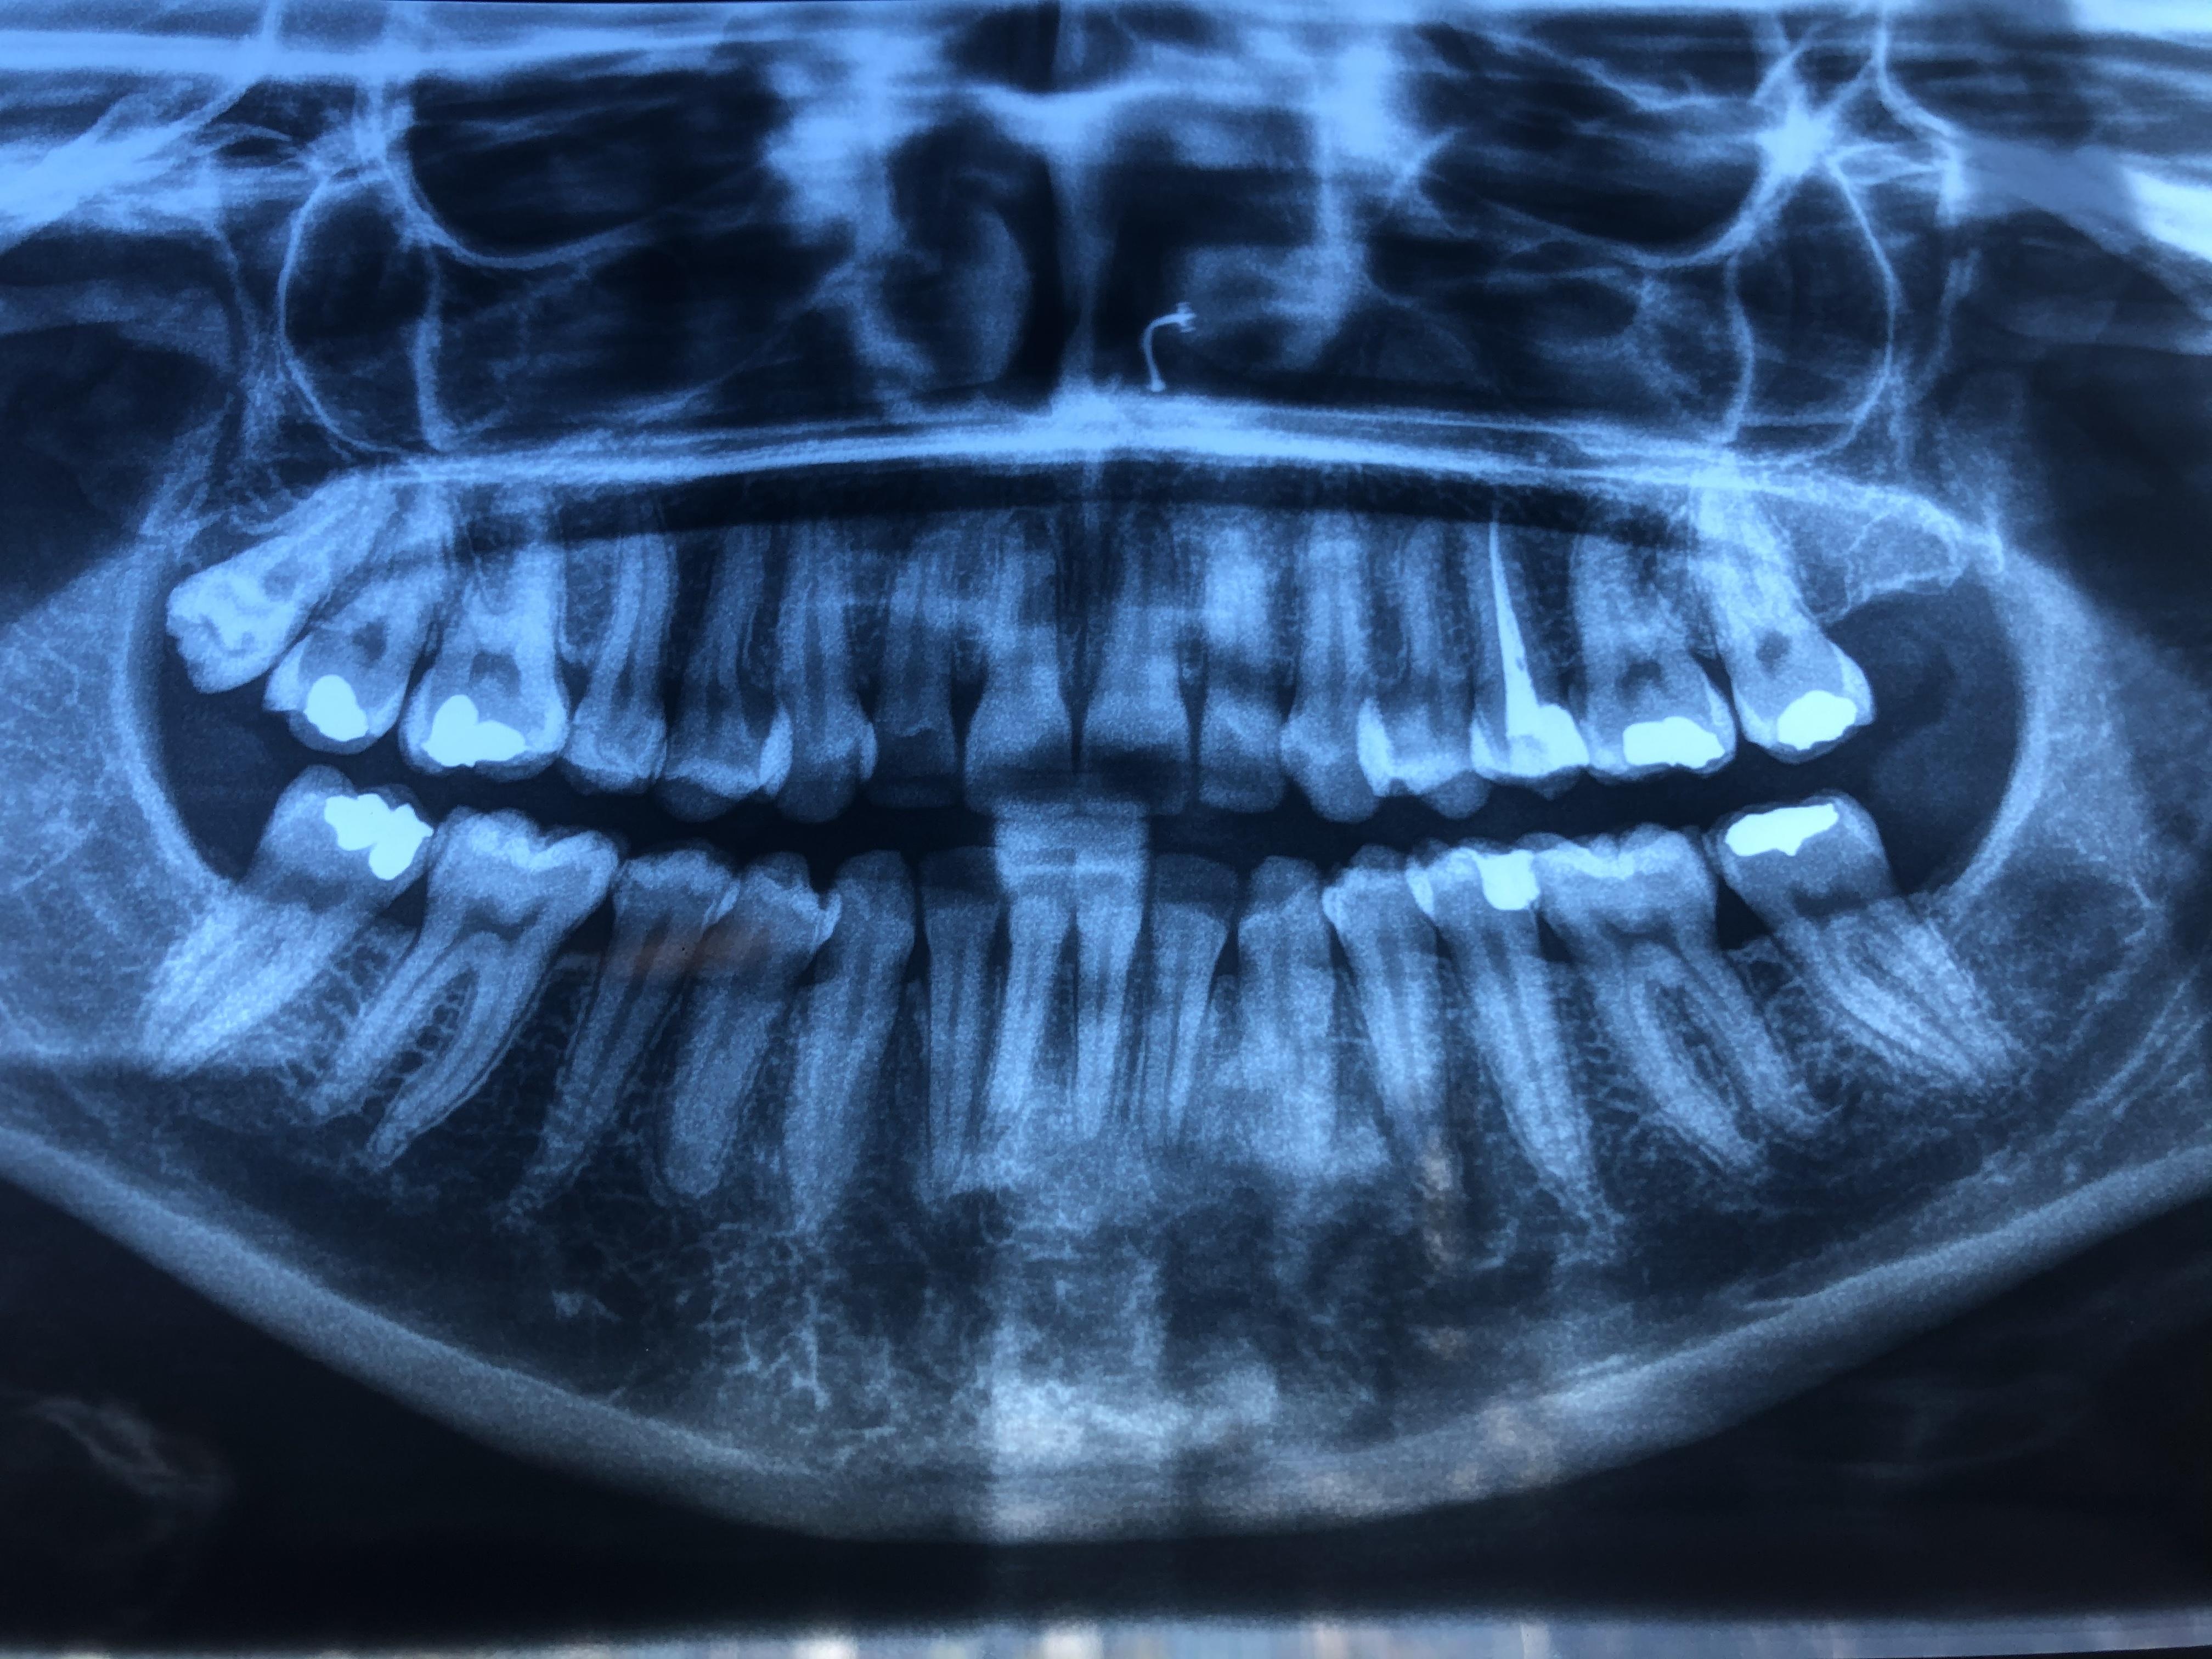 Dolore dente devitalizzato da anni